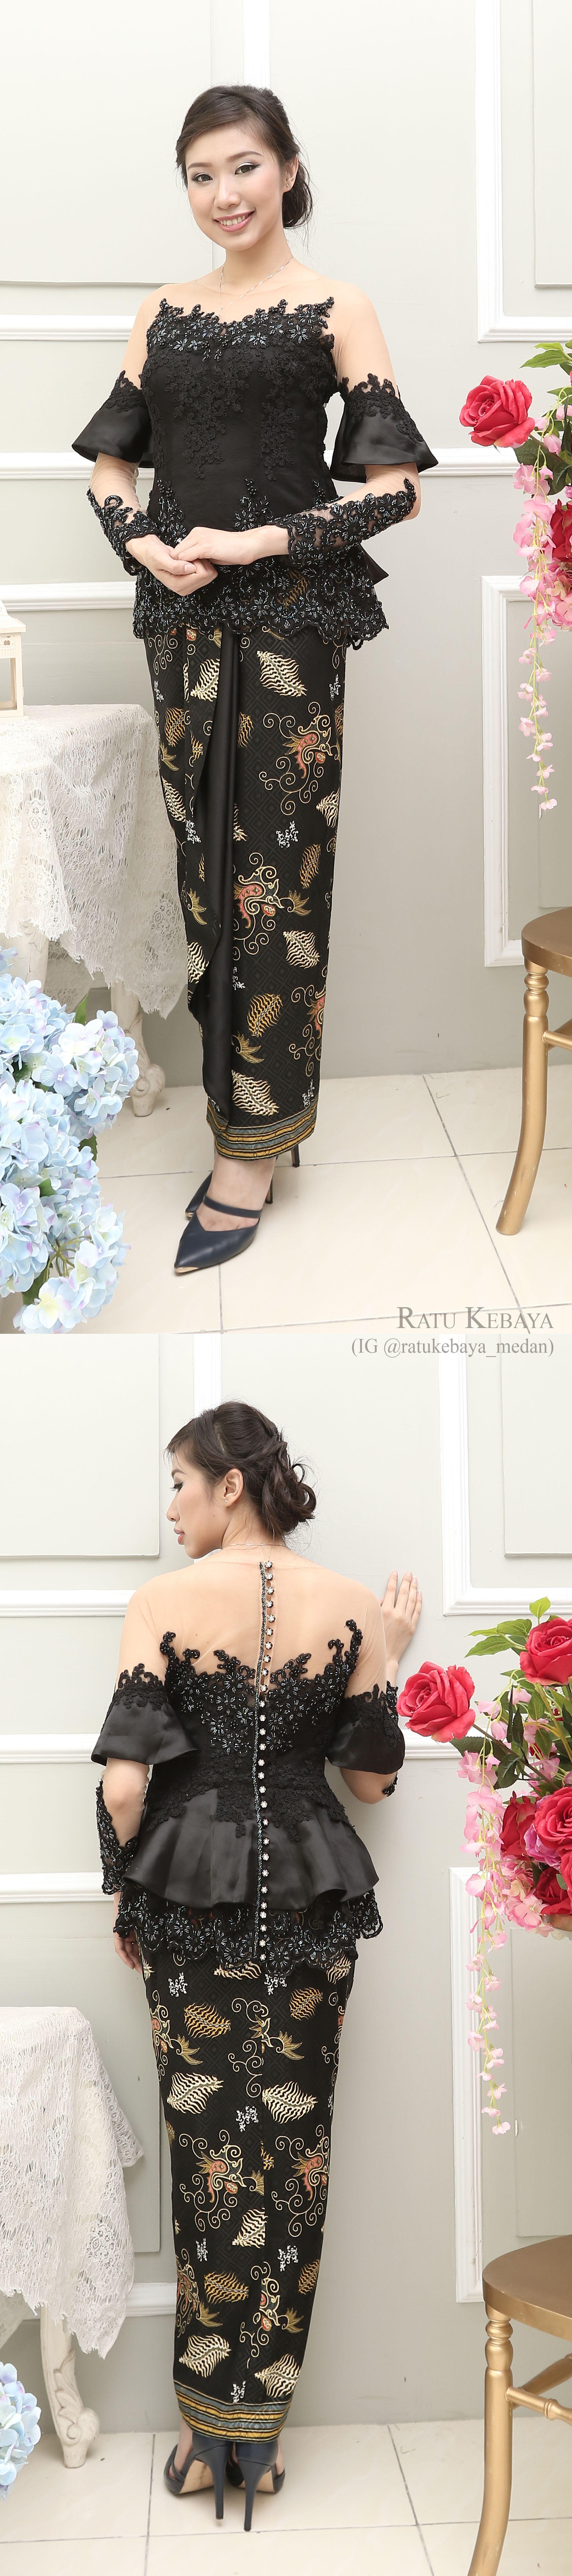 Inspirasi kebaya ratukebaya medan Padanan lace dan batik Kain Kebaya Kebaya Lace